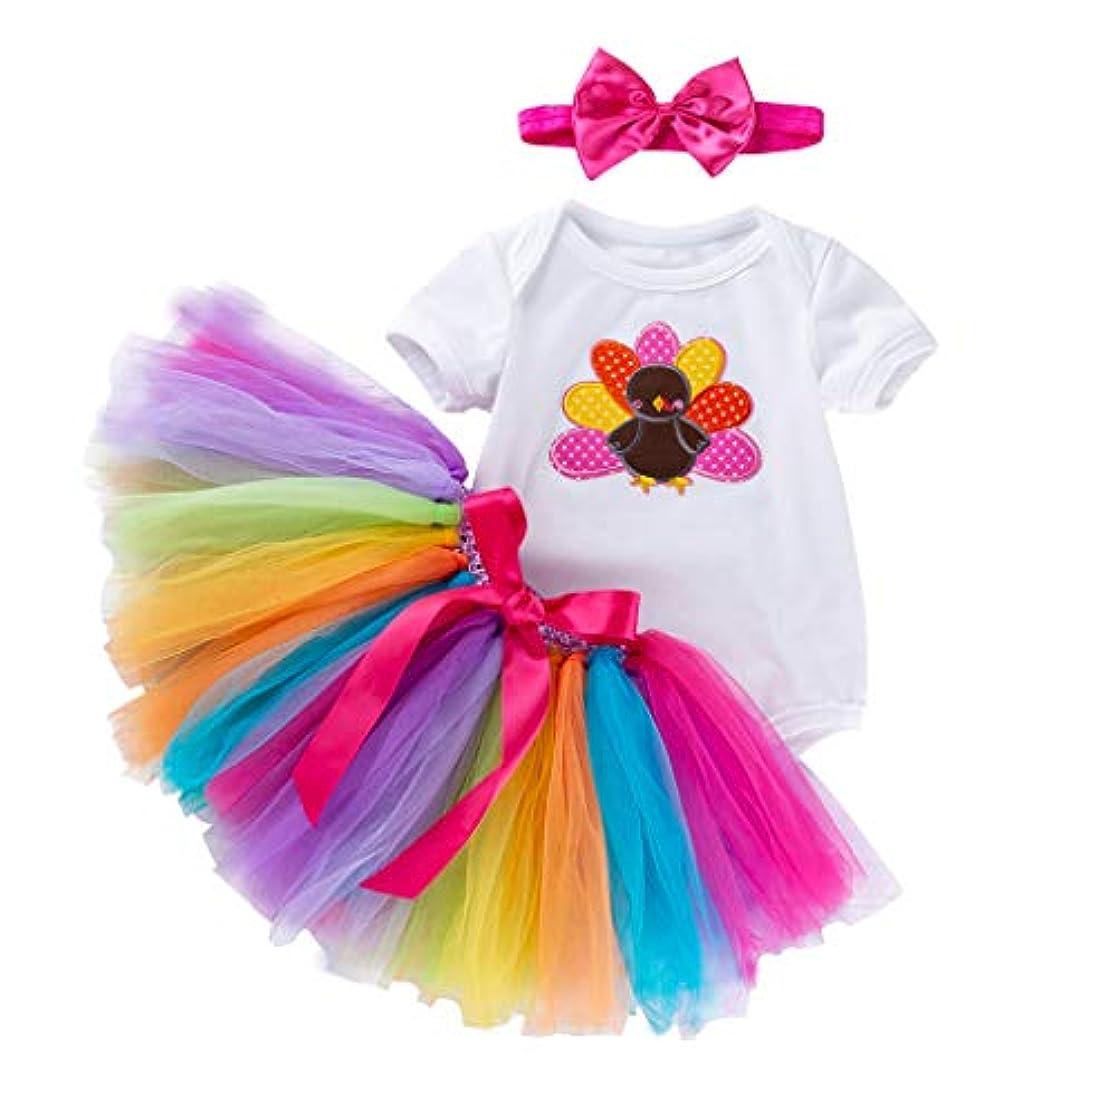 承認する脇に別れるMISFIY ハロウィン 子供 ガールズ 女の子 ロンパース tutuスカート Halloween かぼちゃ かわいい 柔らかい 誕生記念 出産祝い (66)